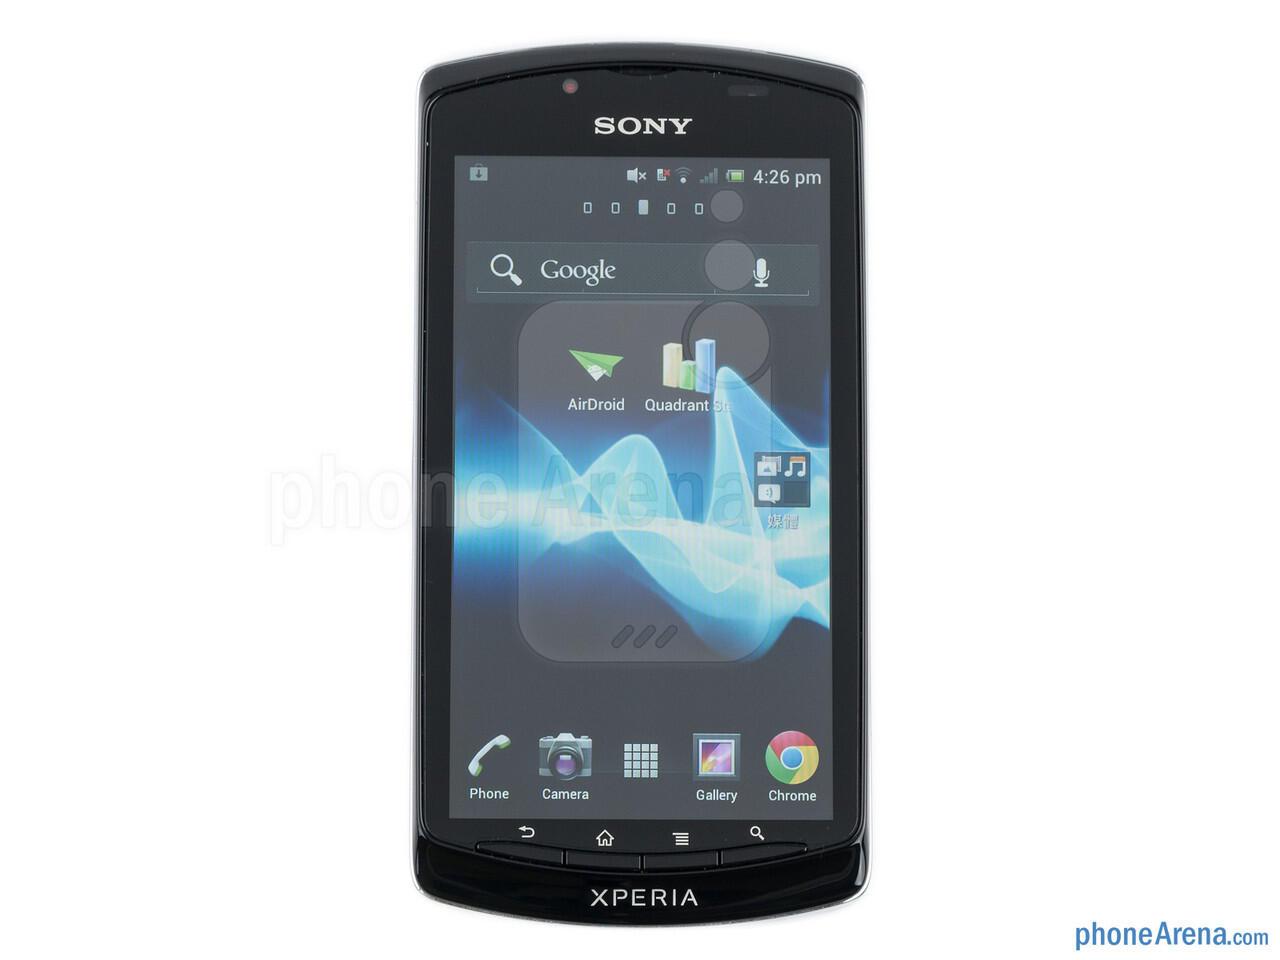 Sony Xperia Neo L fullset mulus garansi 8 bulan Bandung